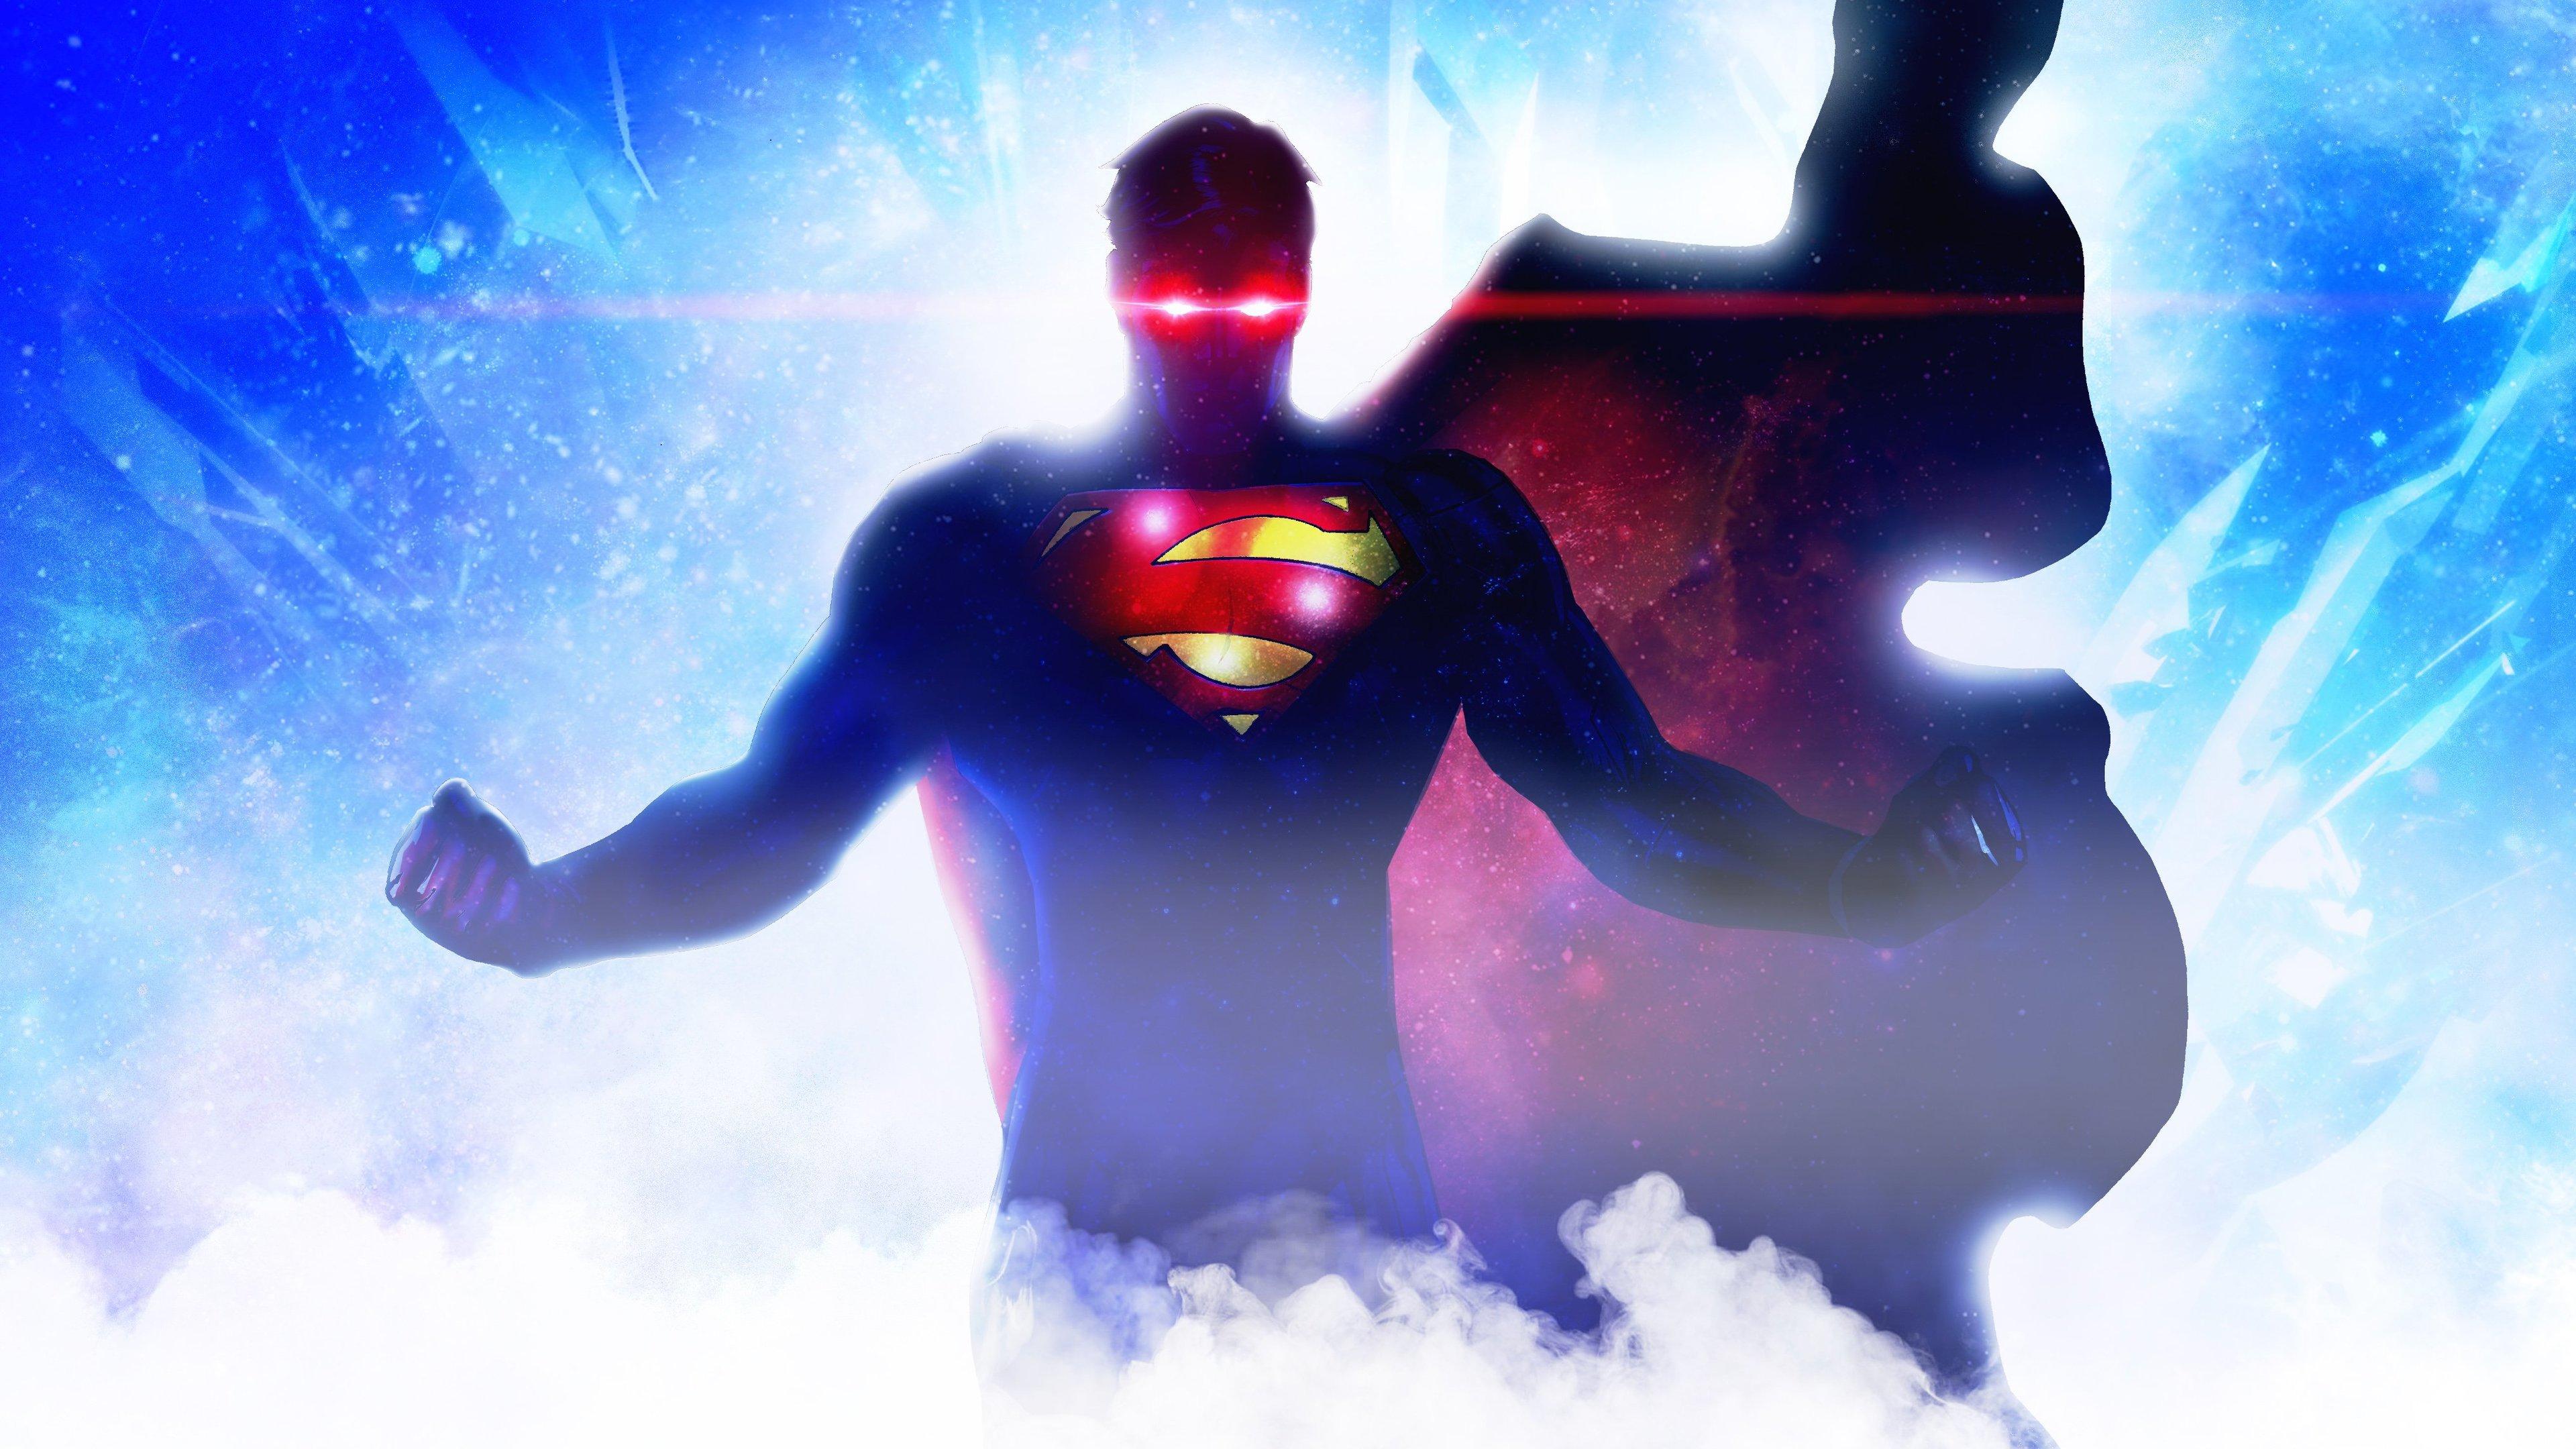 superman comic art 4k 1544286882 - Superman Comic Art 4k - superman wallpapers, superheroes wallpapers, hd-wallpapers, 4k-wallpapers